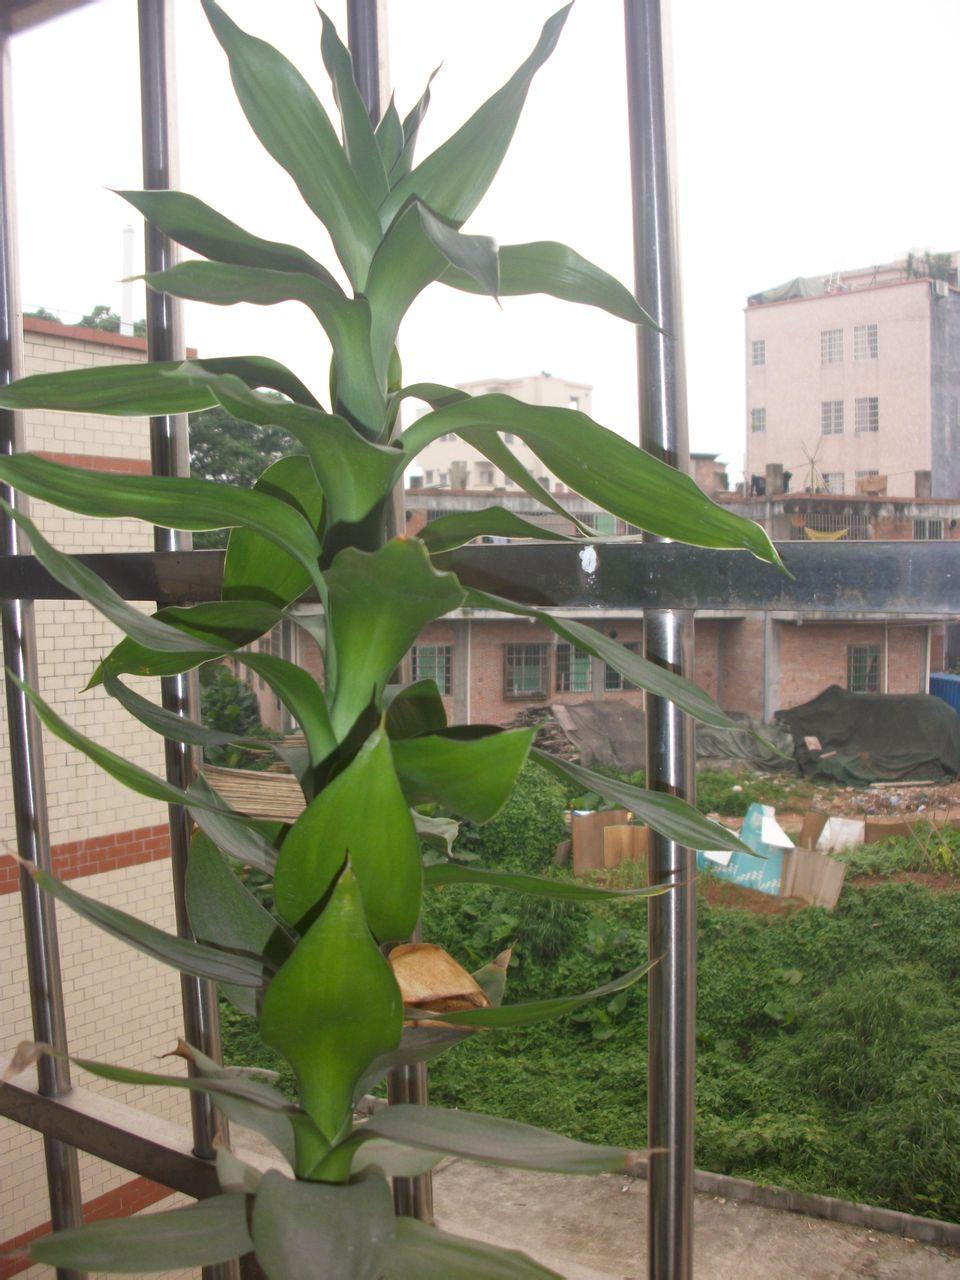 求这两棵室内绿色植物的名称图片